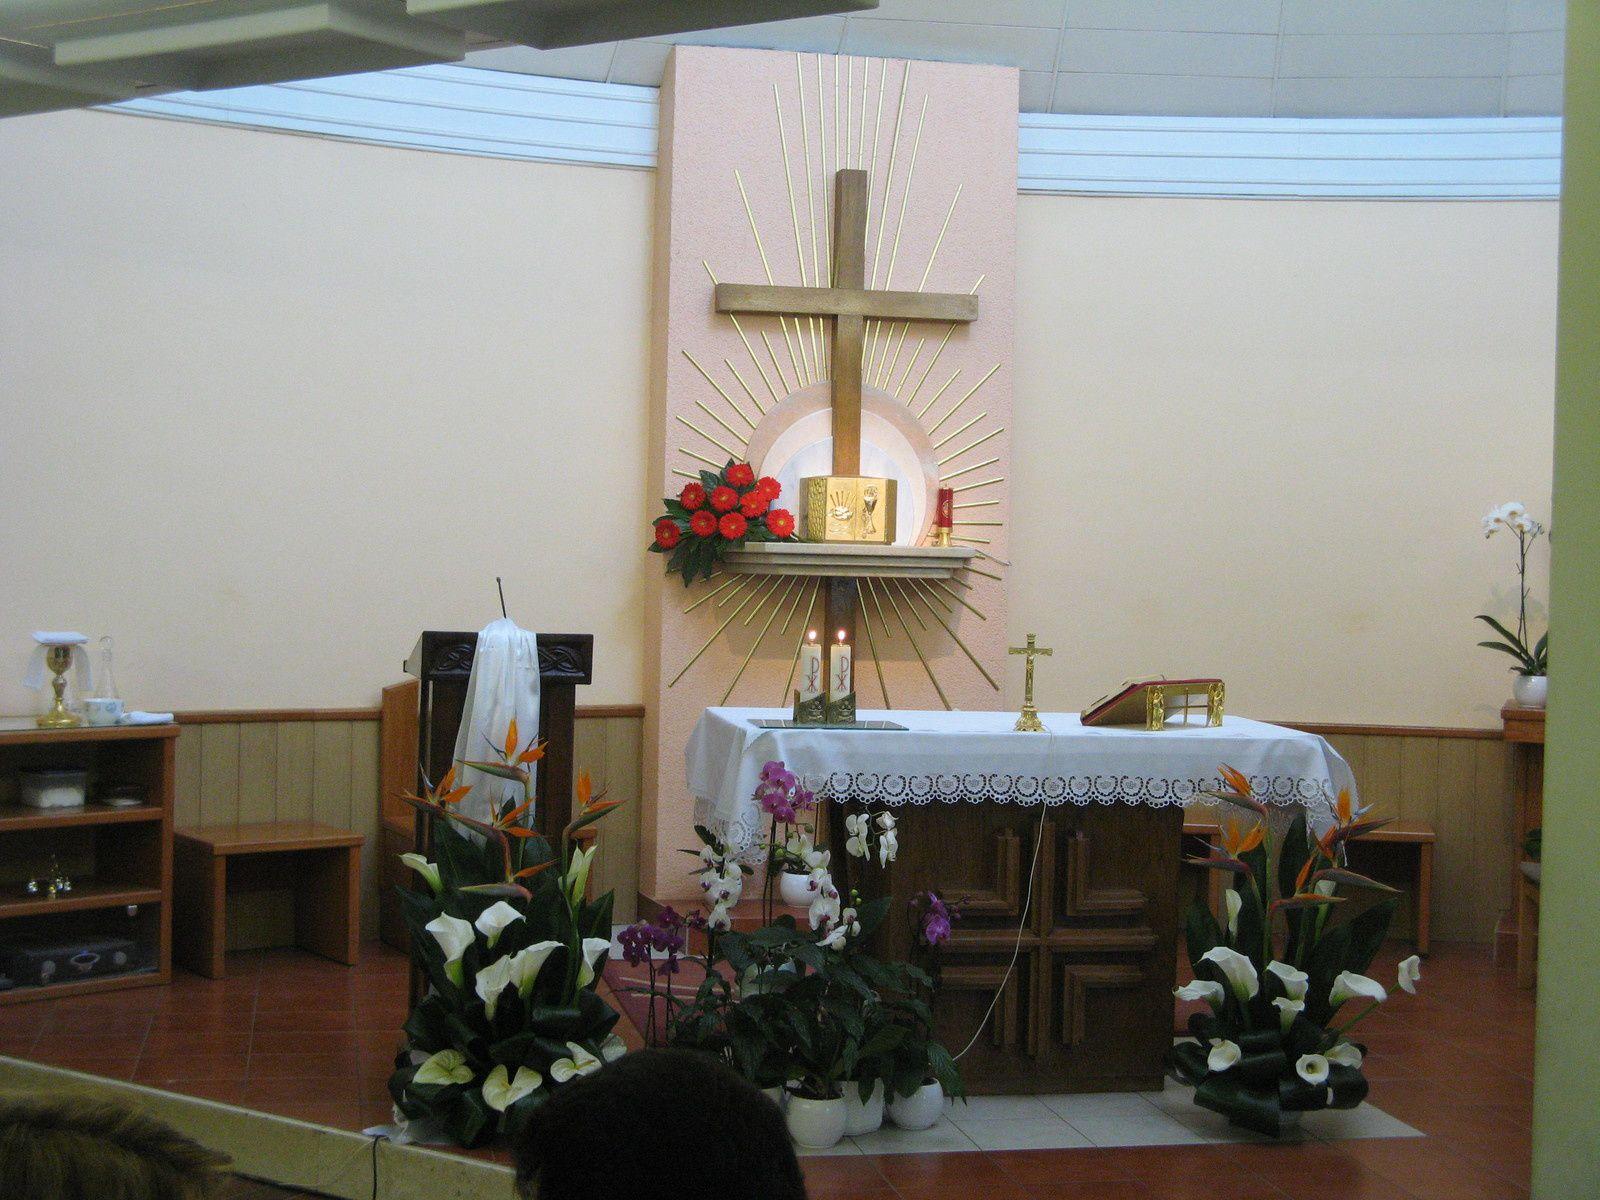 la petite chapelle à Medjugorje, accueille les groupes de pèlerins peu nombreux pour la messe dans leur langue.